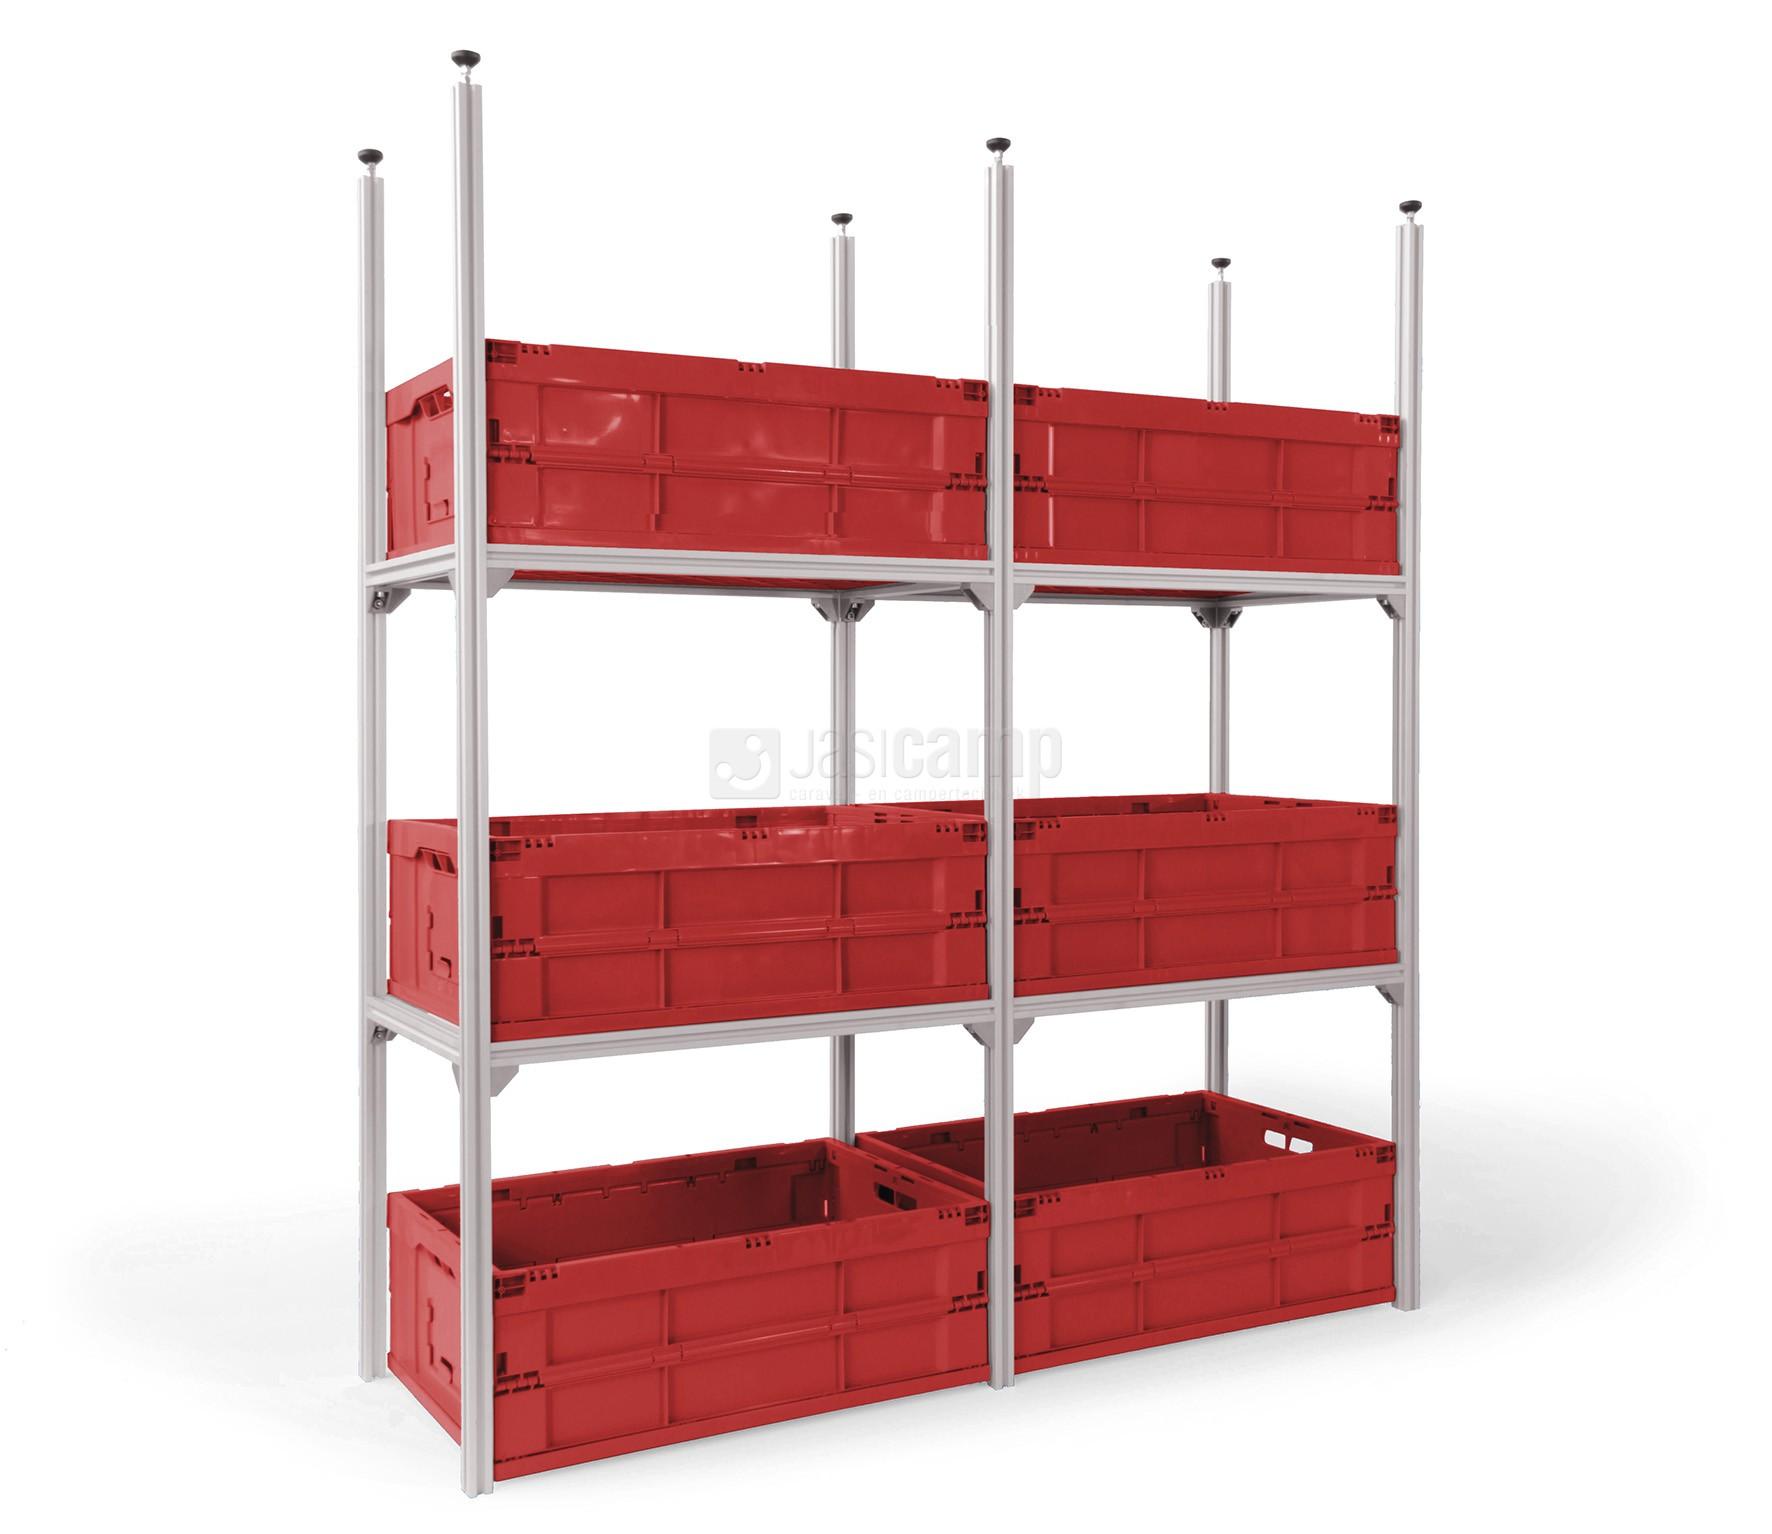 Opbergrekken Voor Garage.Garage Systeem Upgrade 98655 908 Verlenging Voor Opbergrek Voor In